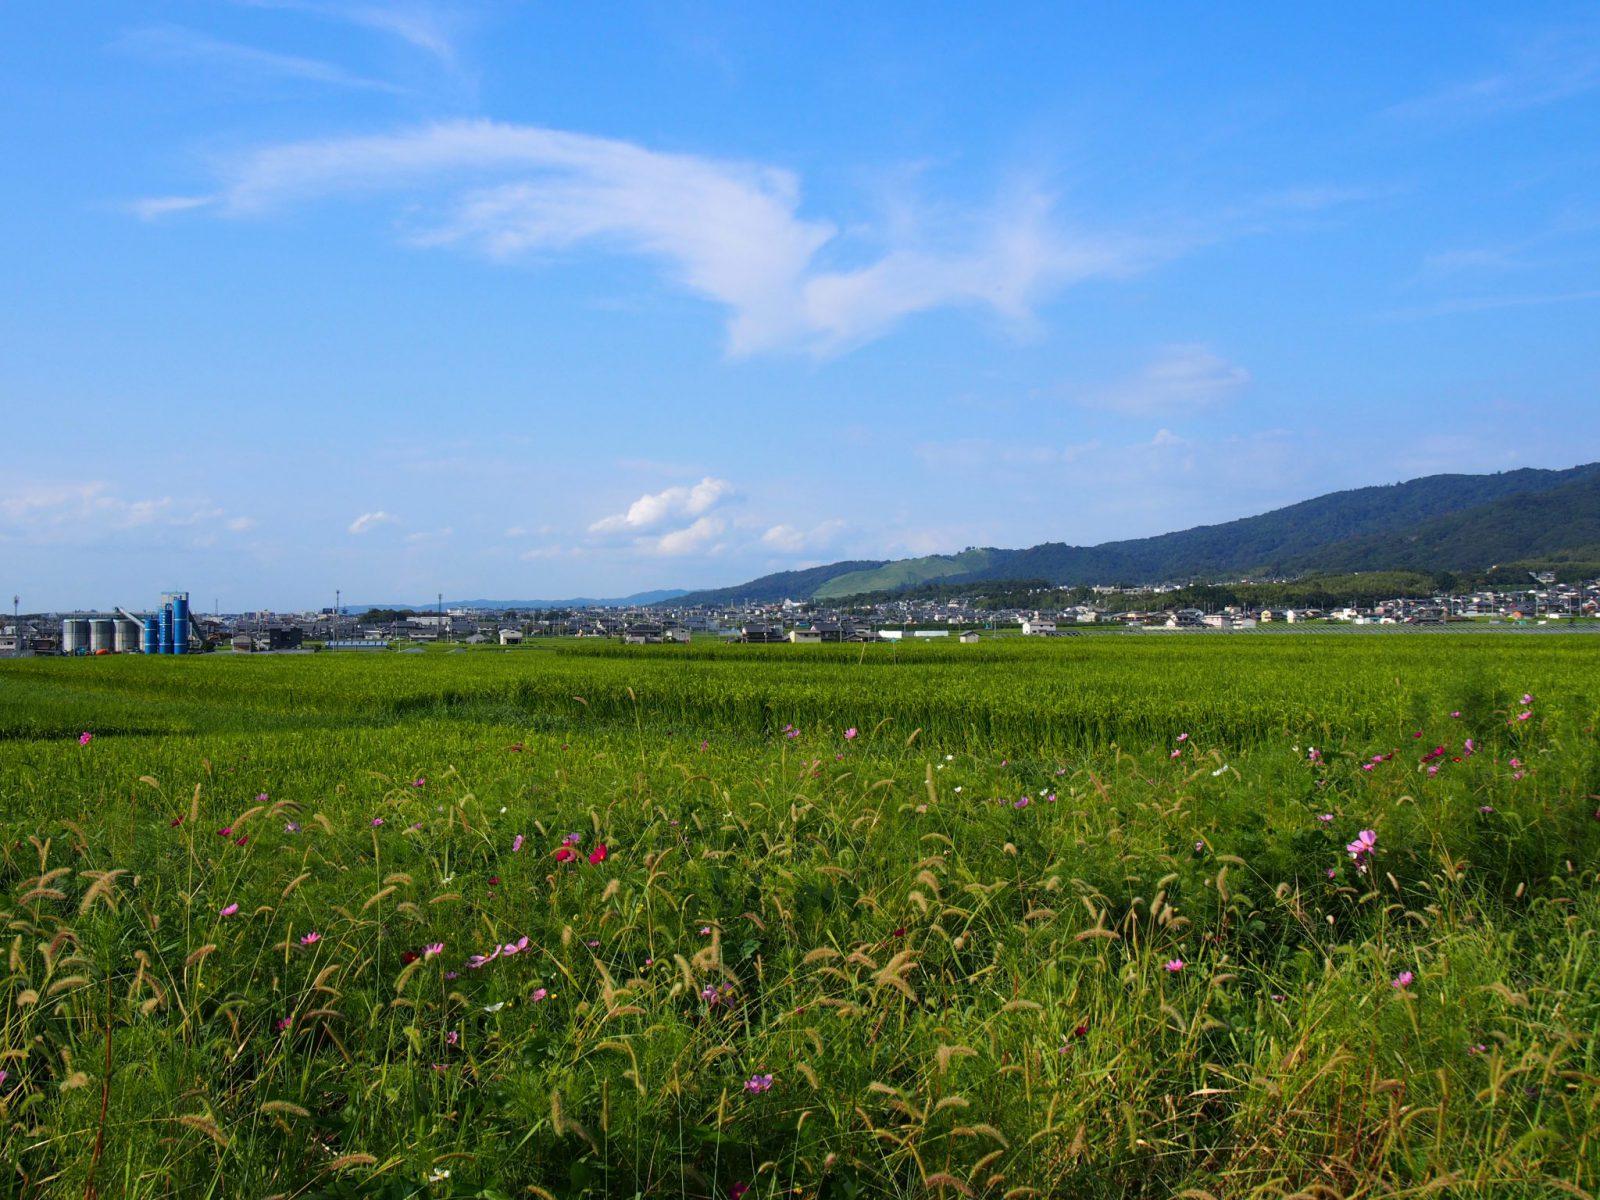 山村町バス停周辺の田園風景